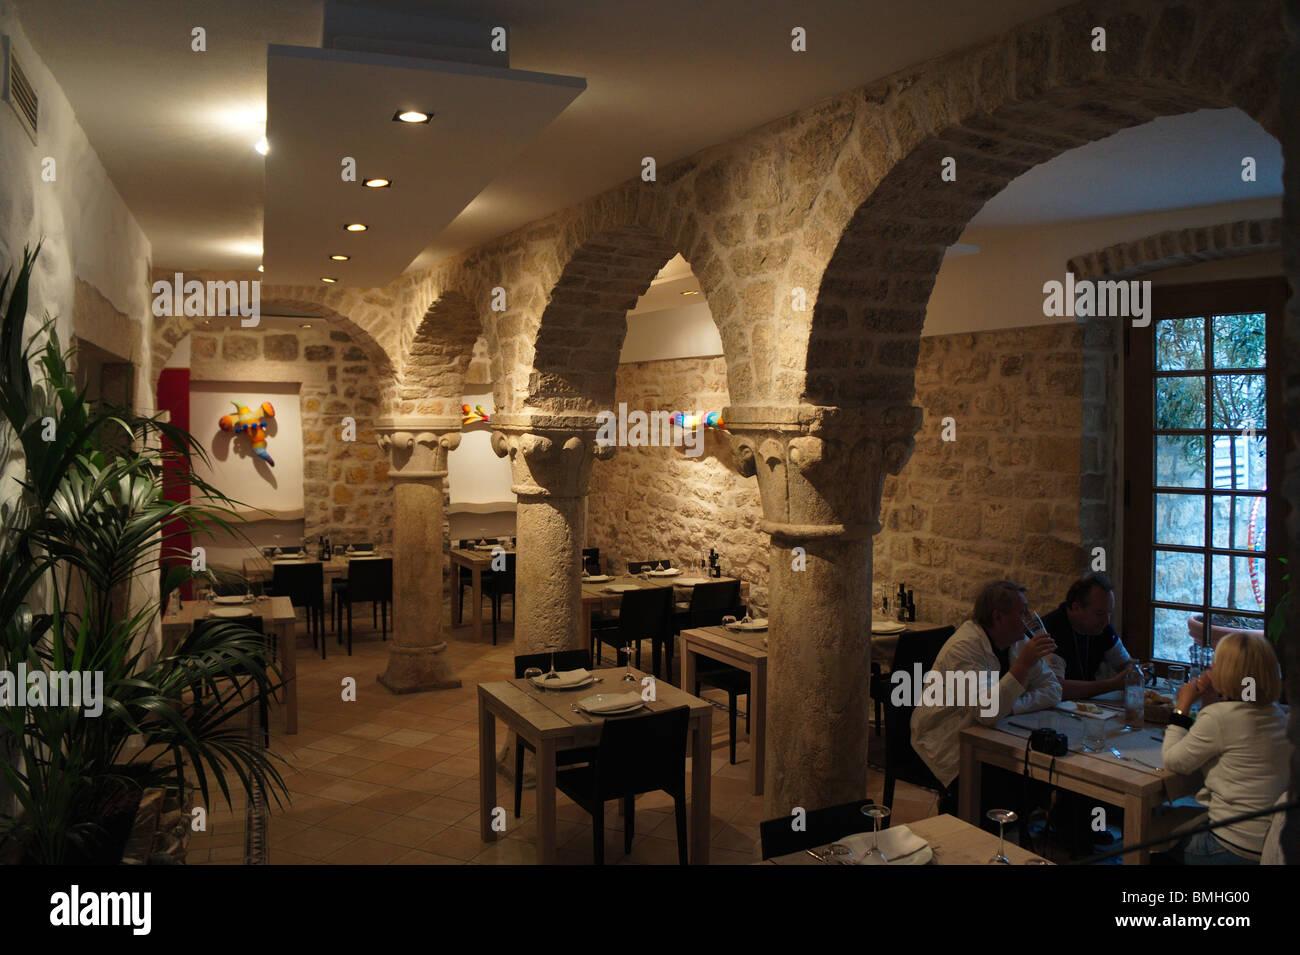 Kroatien, Split, dalmatinischen Riviera - Insel Hvar - Restaurant ...